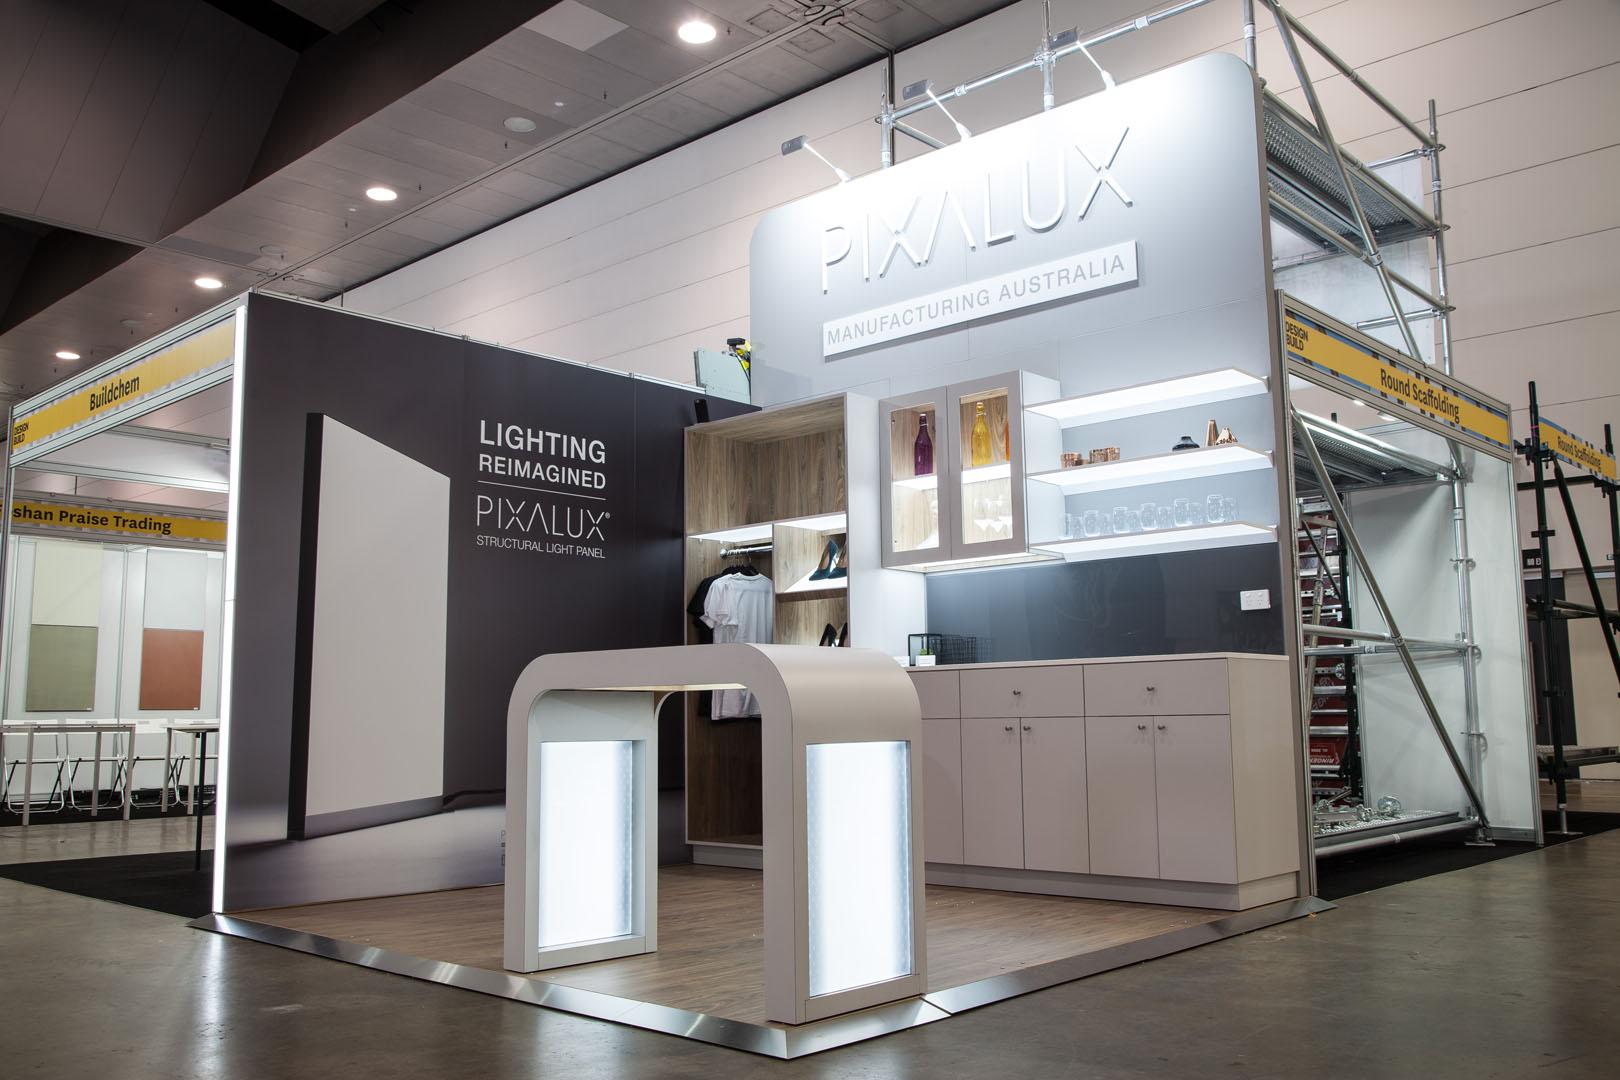 Pixalux Designbuild stand